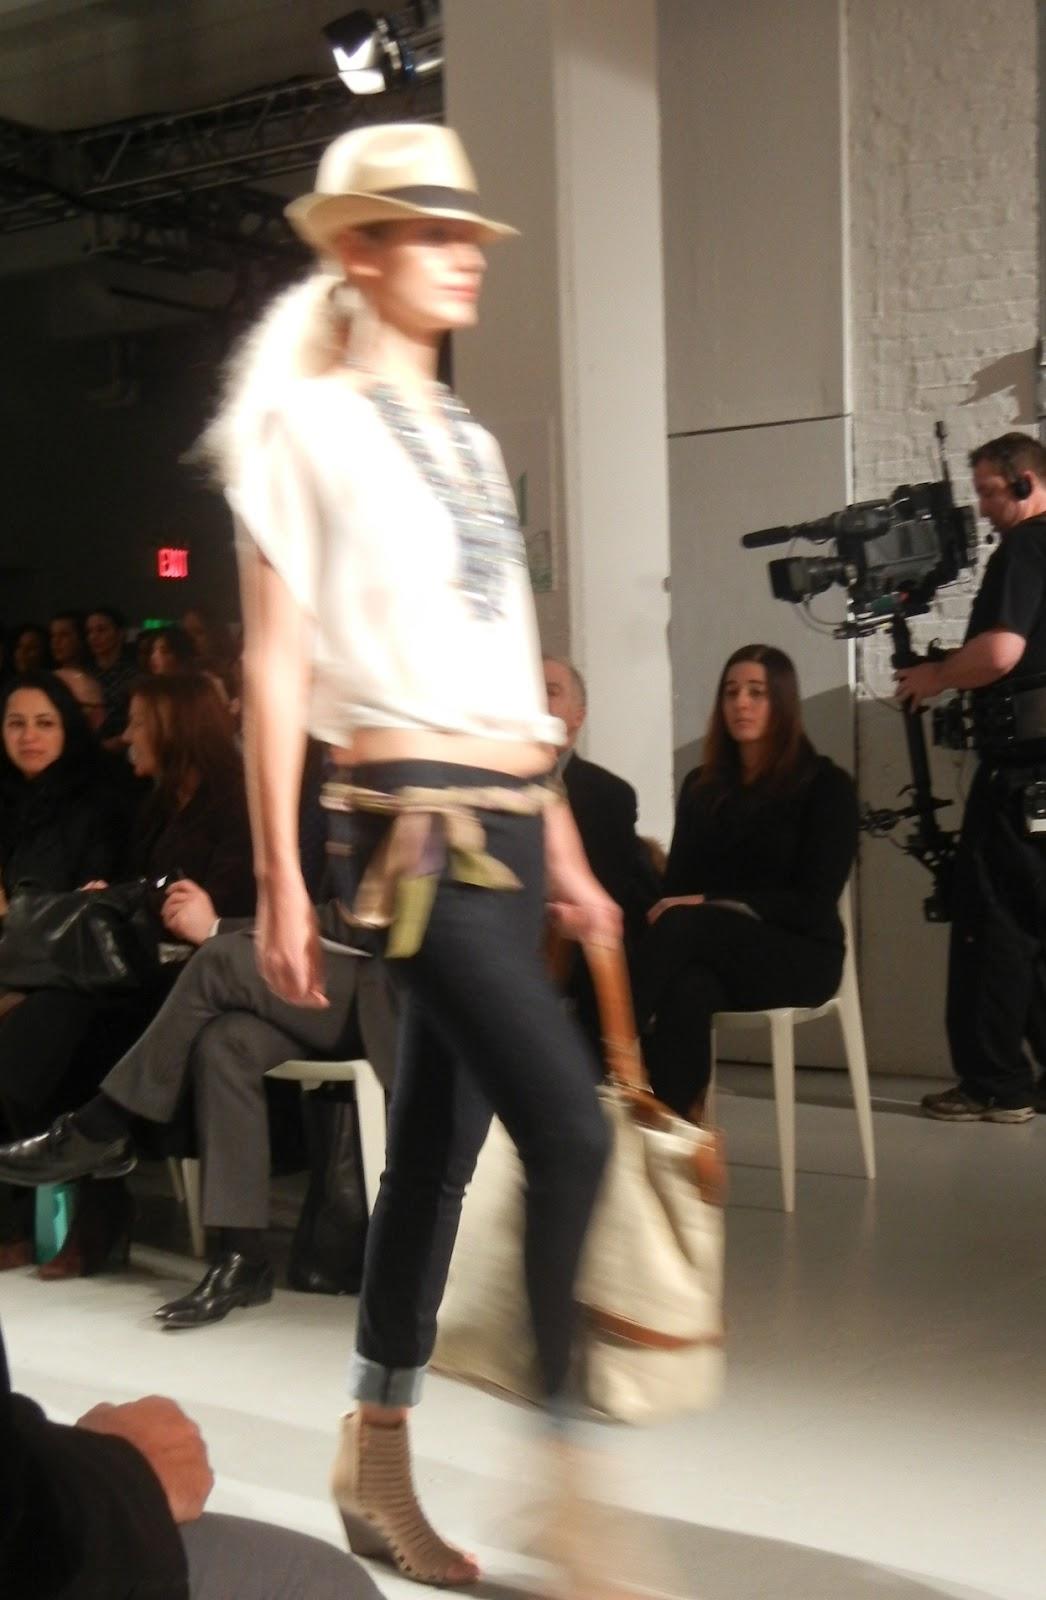 http://3.bp.blogspot.com/-iGjIQ6dSzqY/T0AZyzH_LsI/AAAAAAAAHvA/wWyEC88ZPRM/s1600/qvc+fashion+week+4.JPG